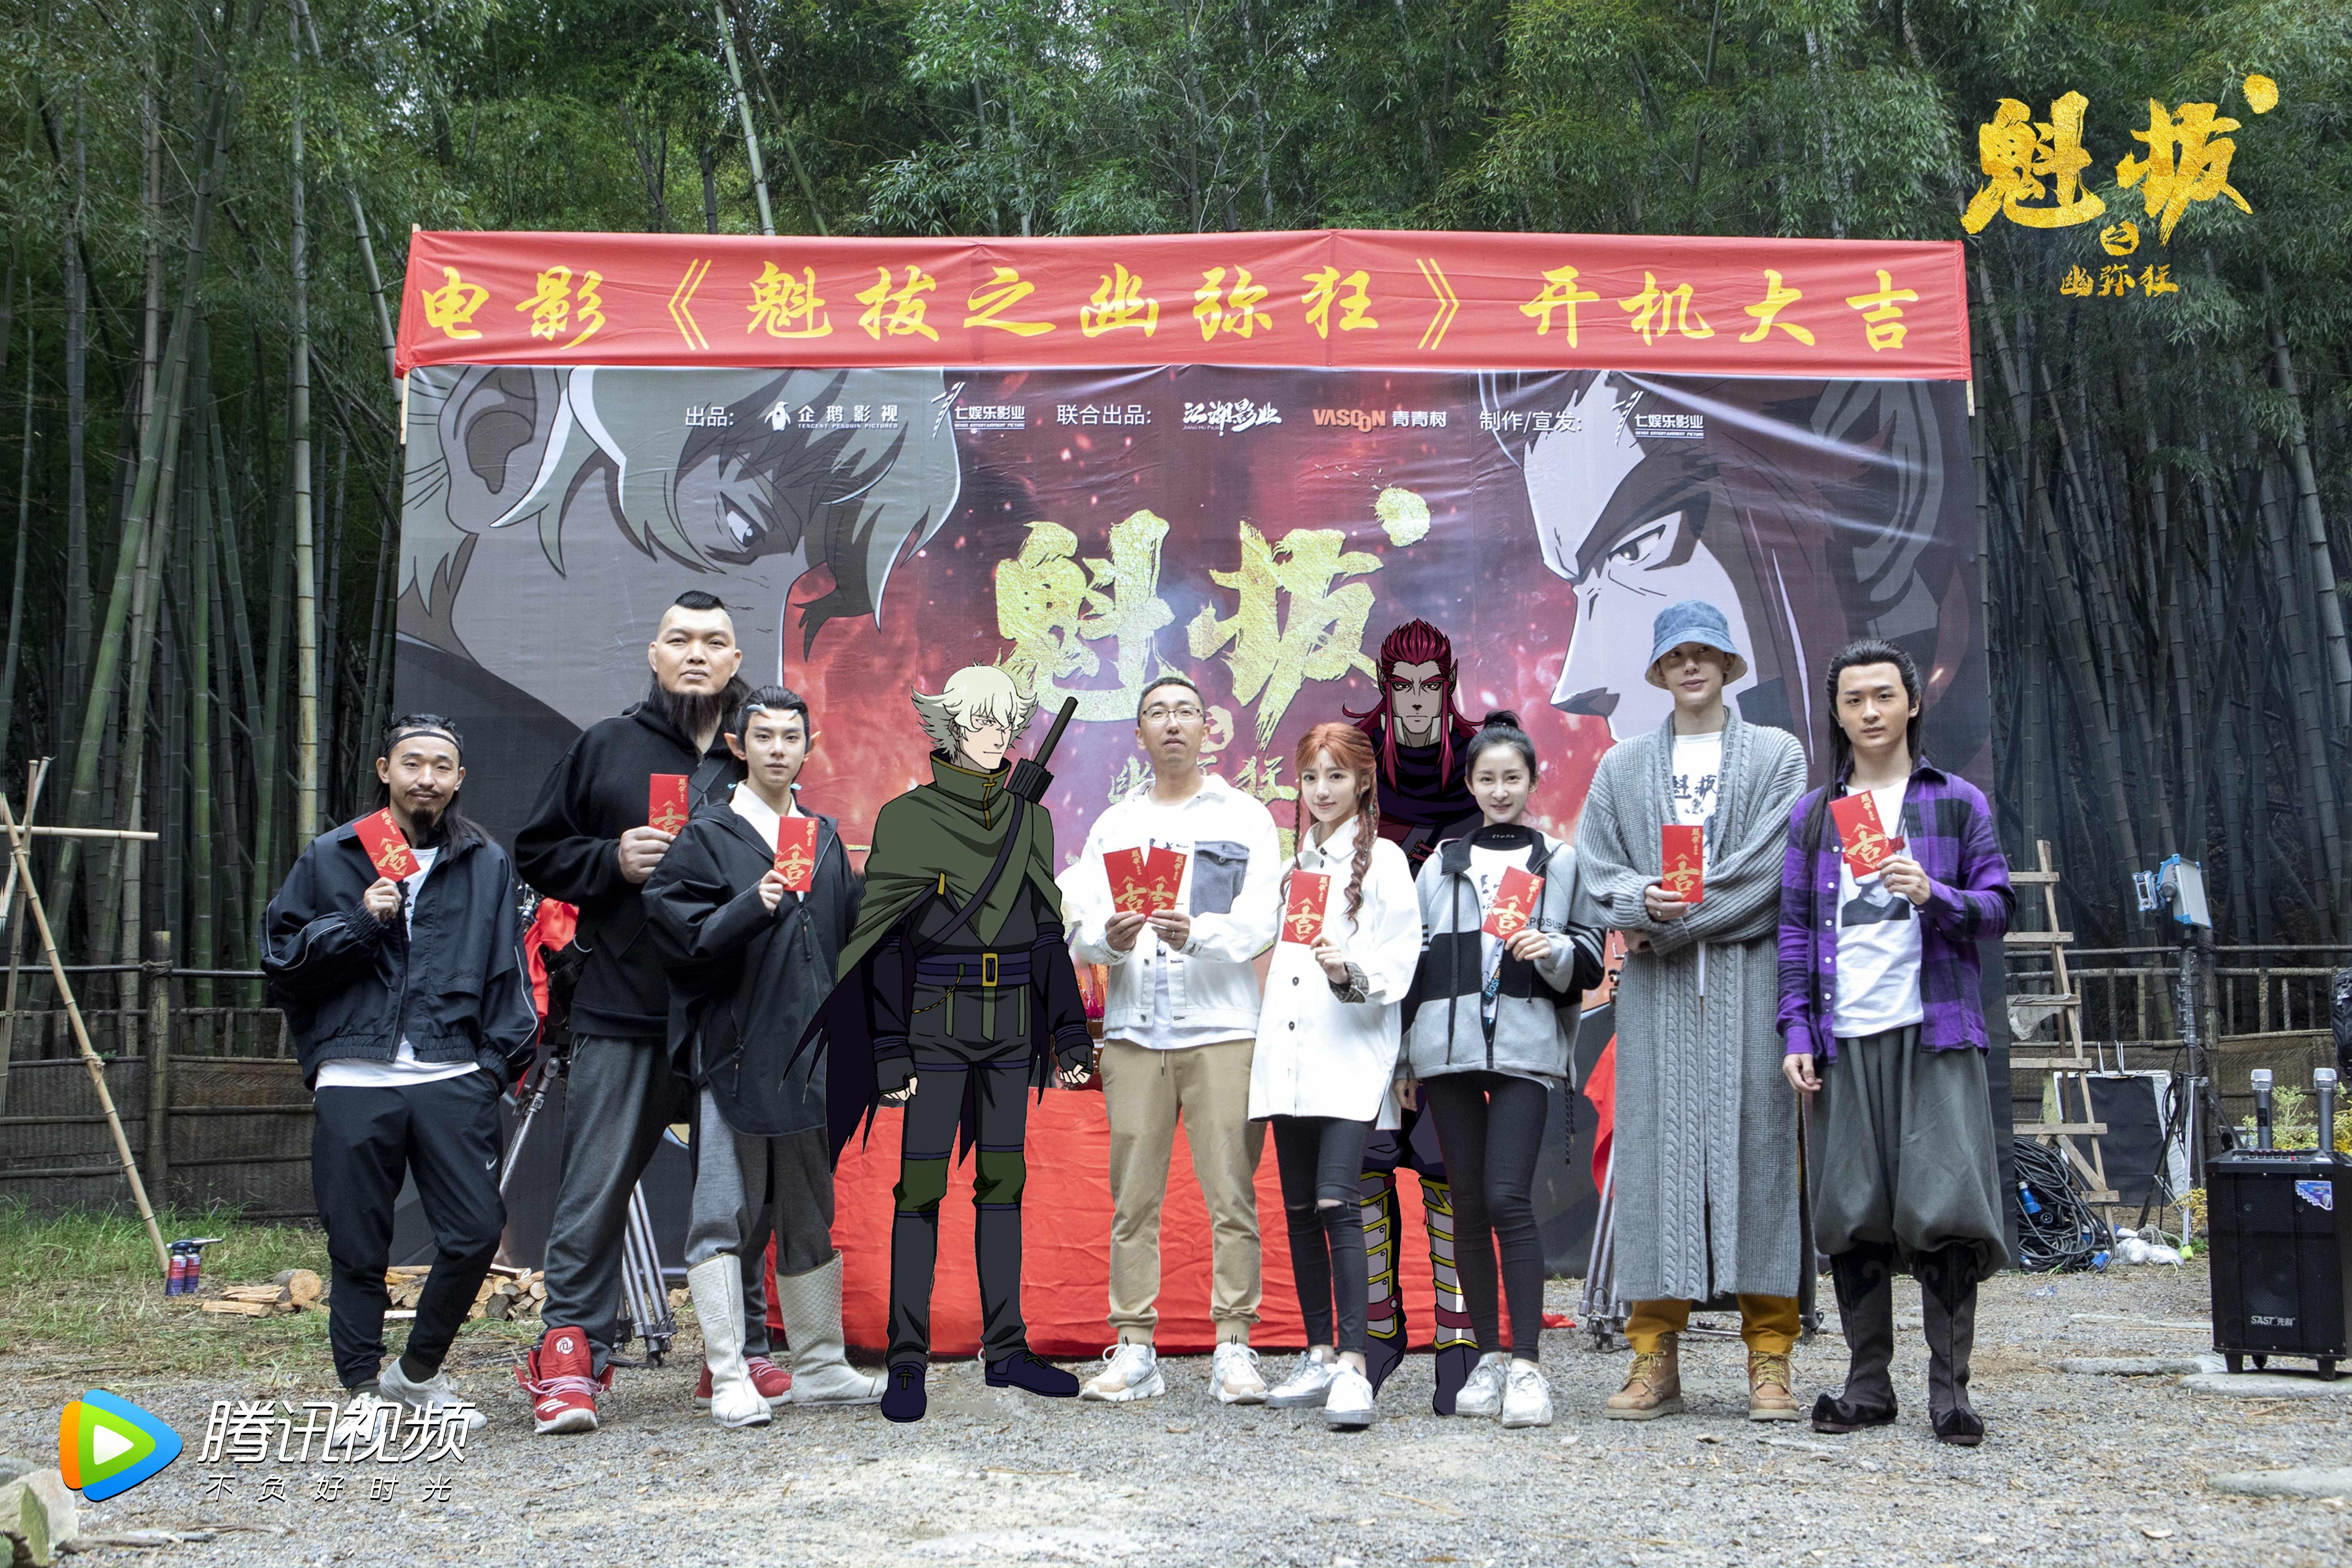 电影《魁拔之幽弥狂》在浙江象山影视城举行了开机仪式